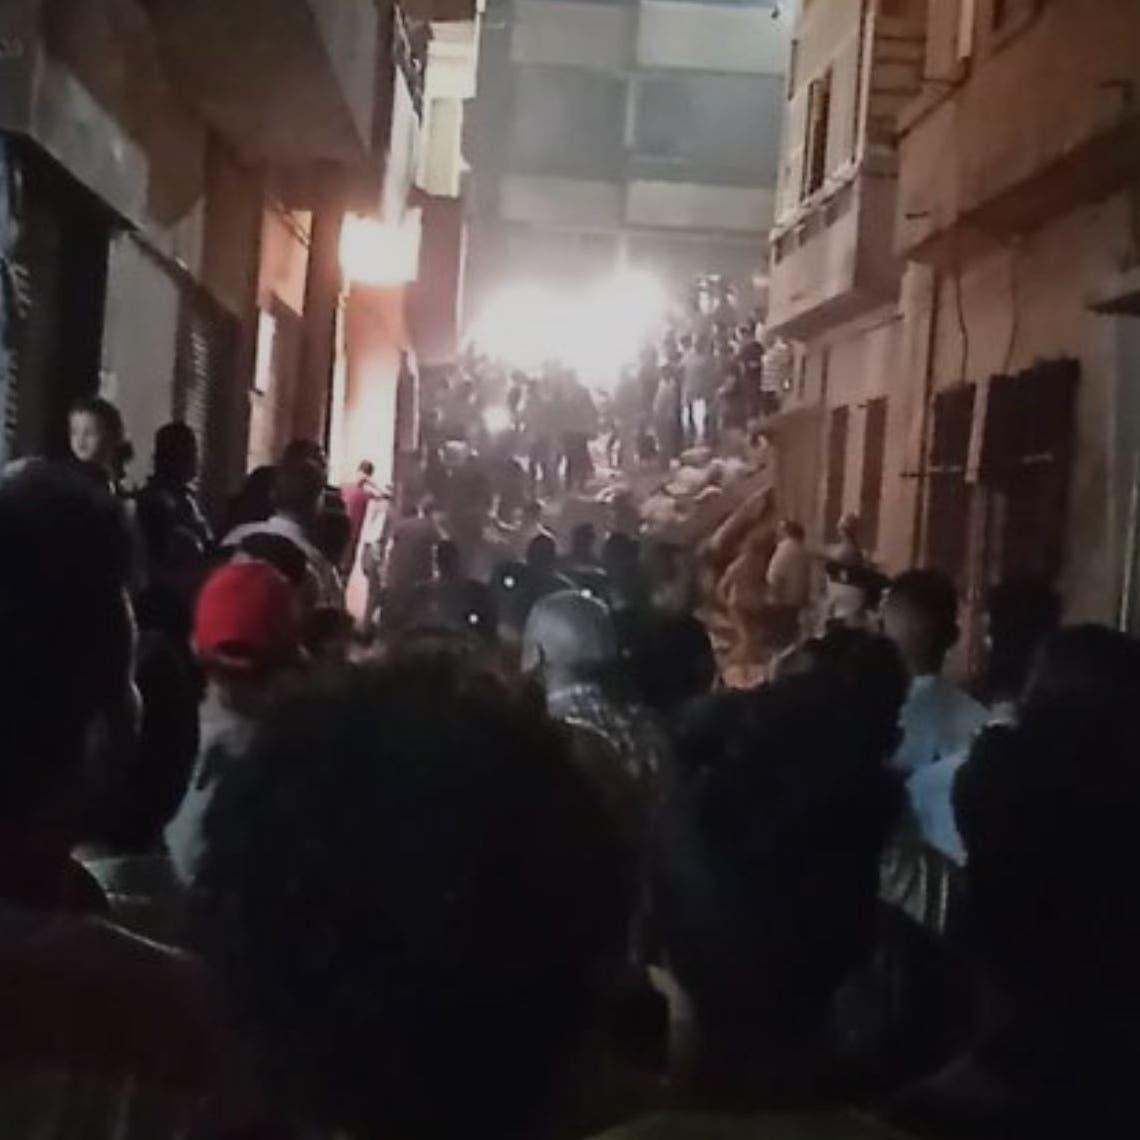 شاهد الفيديو.. قتيلان بانهيار منزل في مصر